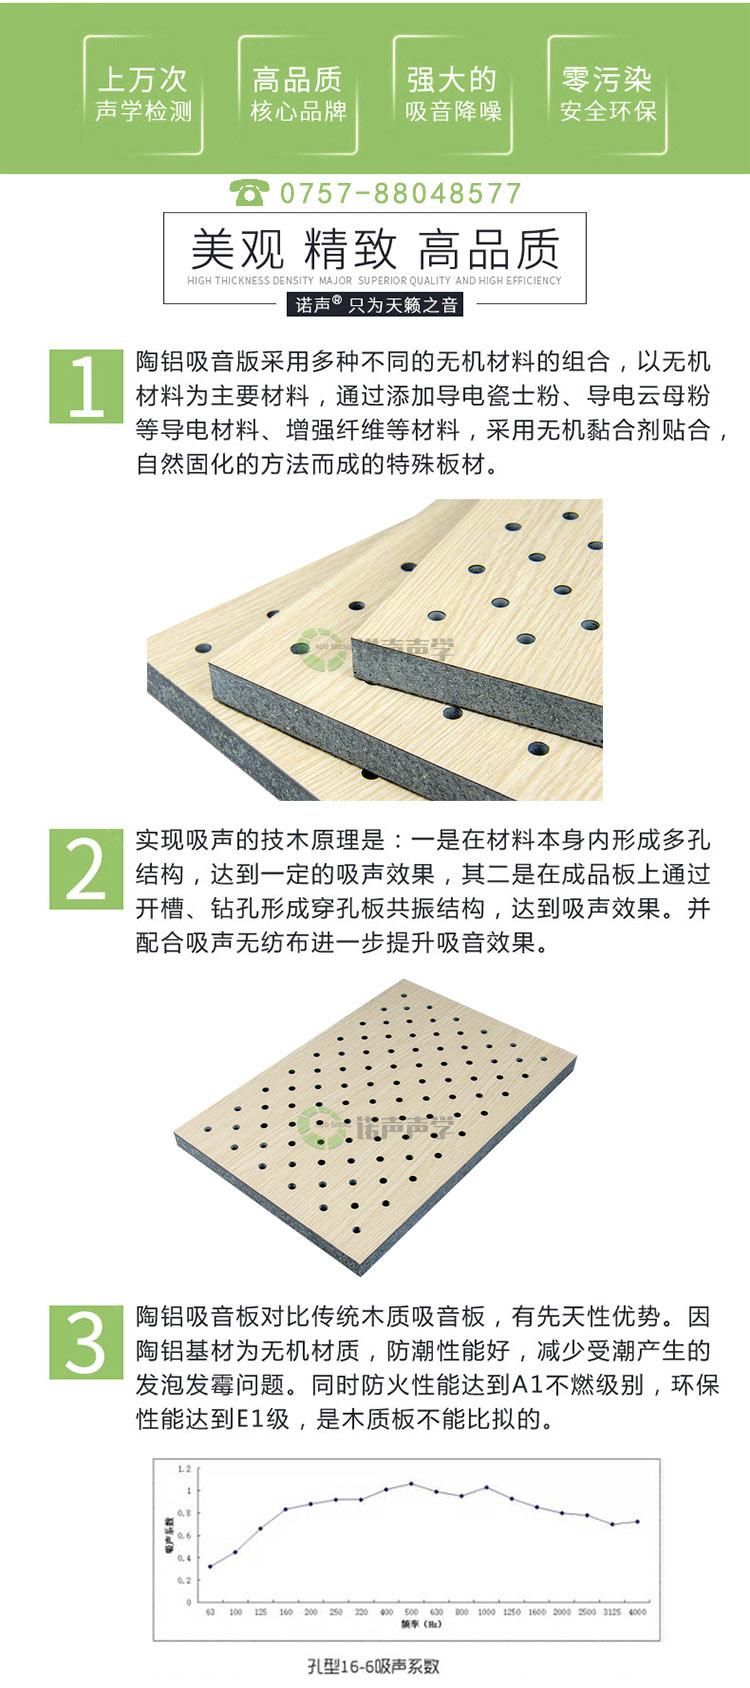 陶铝穿孔manbetx官网万博官网产品优势